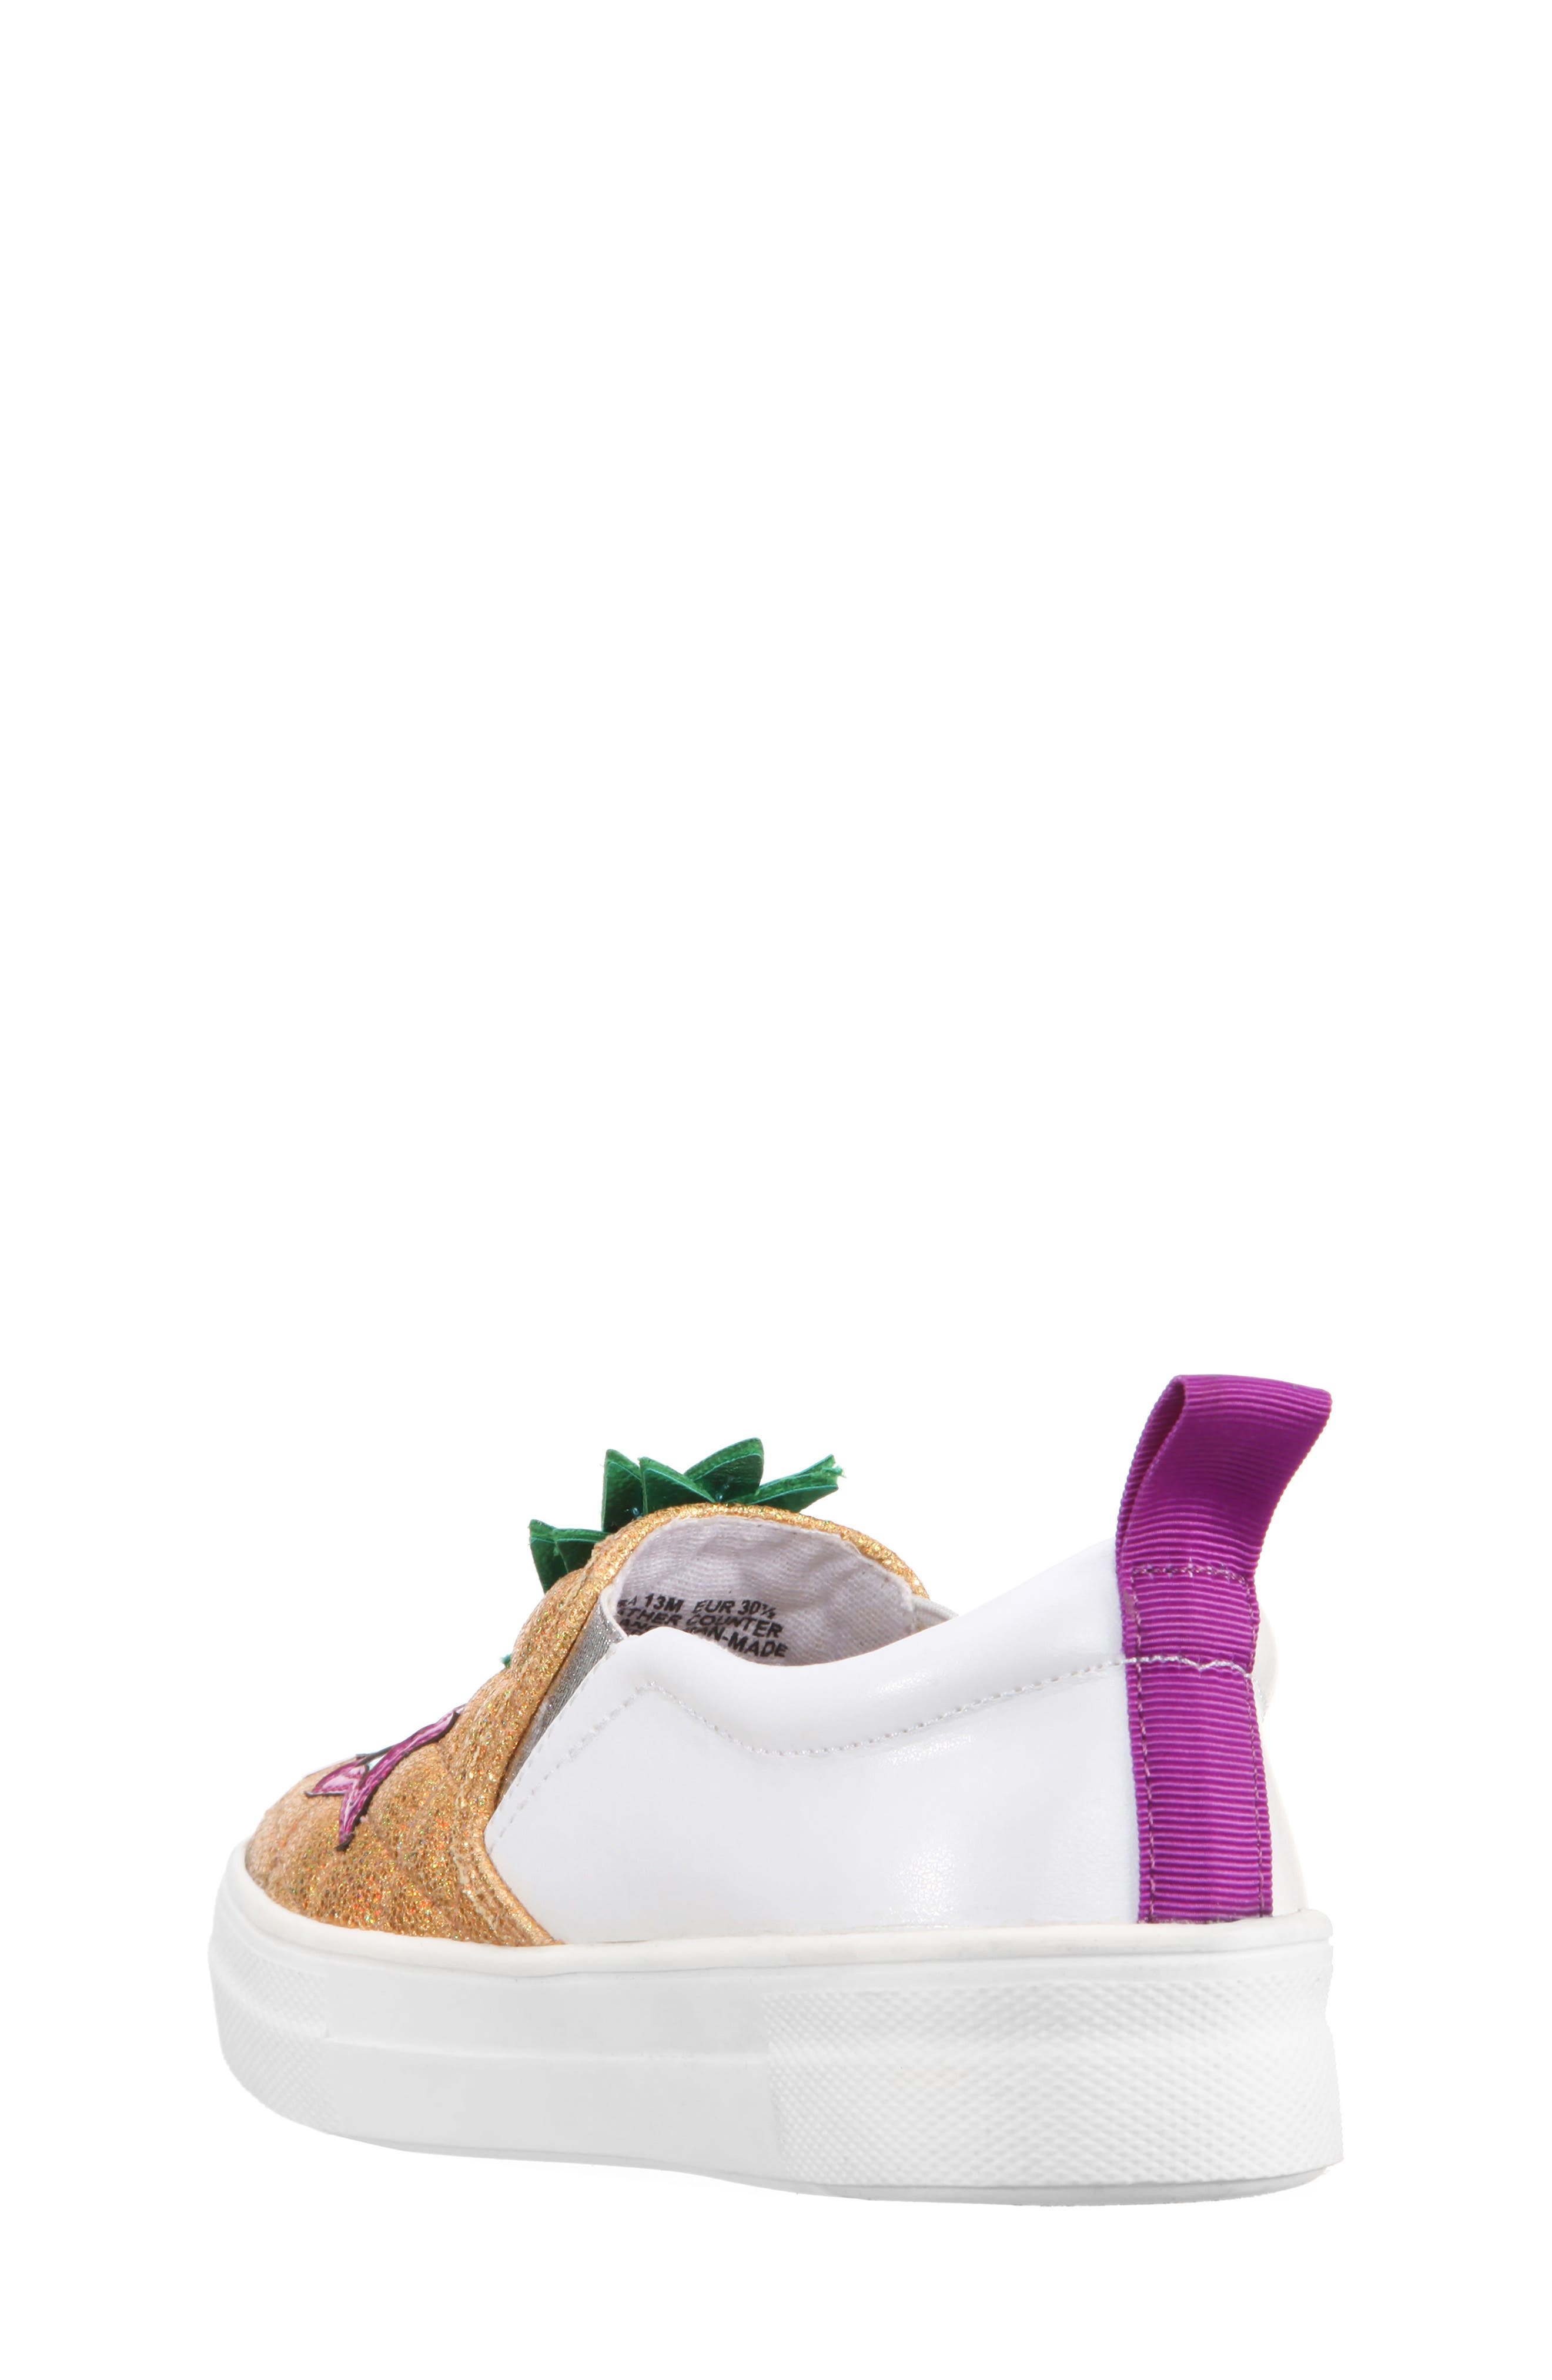 Alternate Image 2  - Nina Samanntha Pineapple Slip-On Sneaker (Toddler, Little Kid & Big Kid)